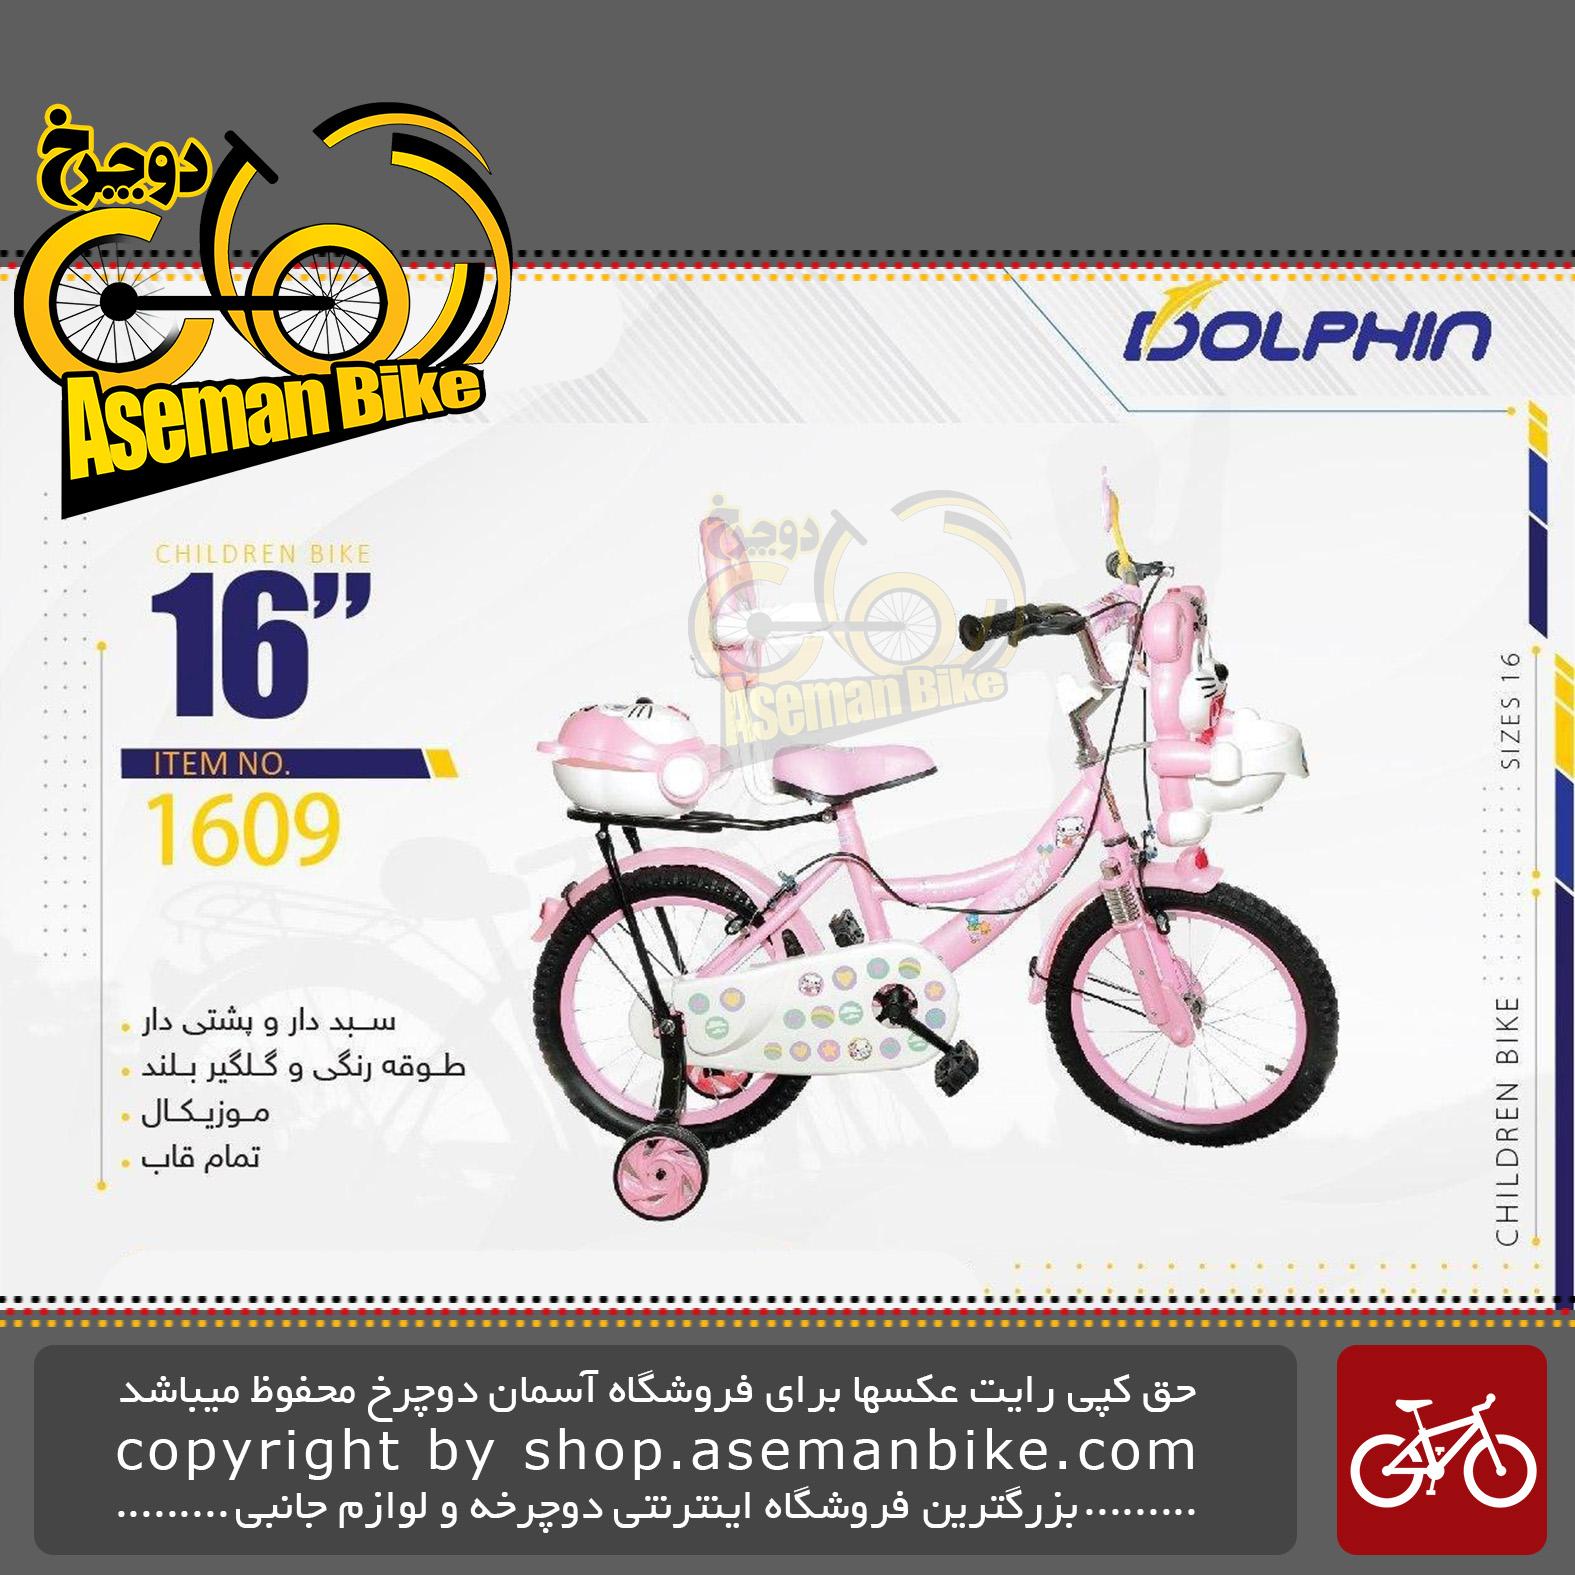 دوچرخه بچگانه دلفین سایز 16 موزیکال صندوق دار پشتی دار سبد دار مدل 1609 DOLPHIN Bicycle Children Bike Size 16 Model 1609